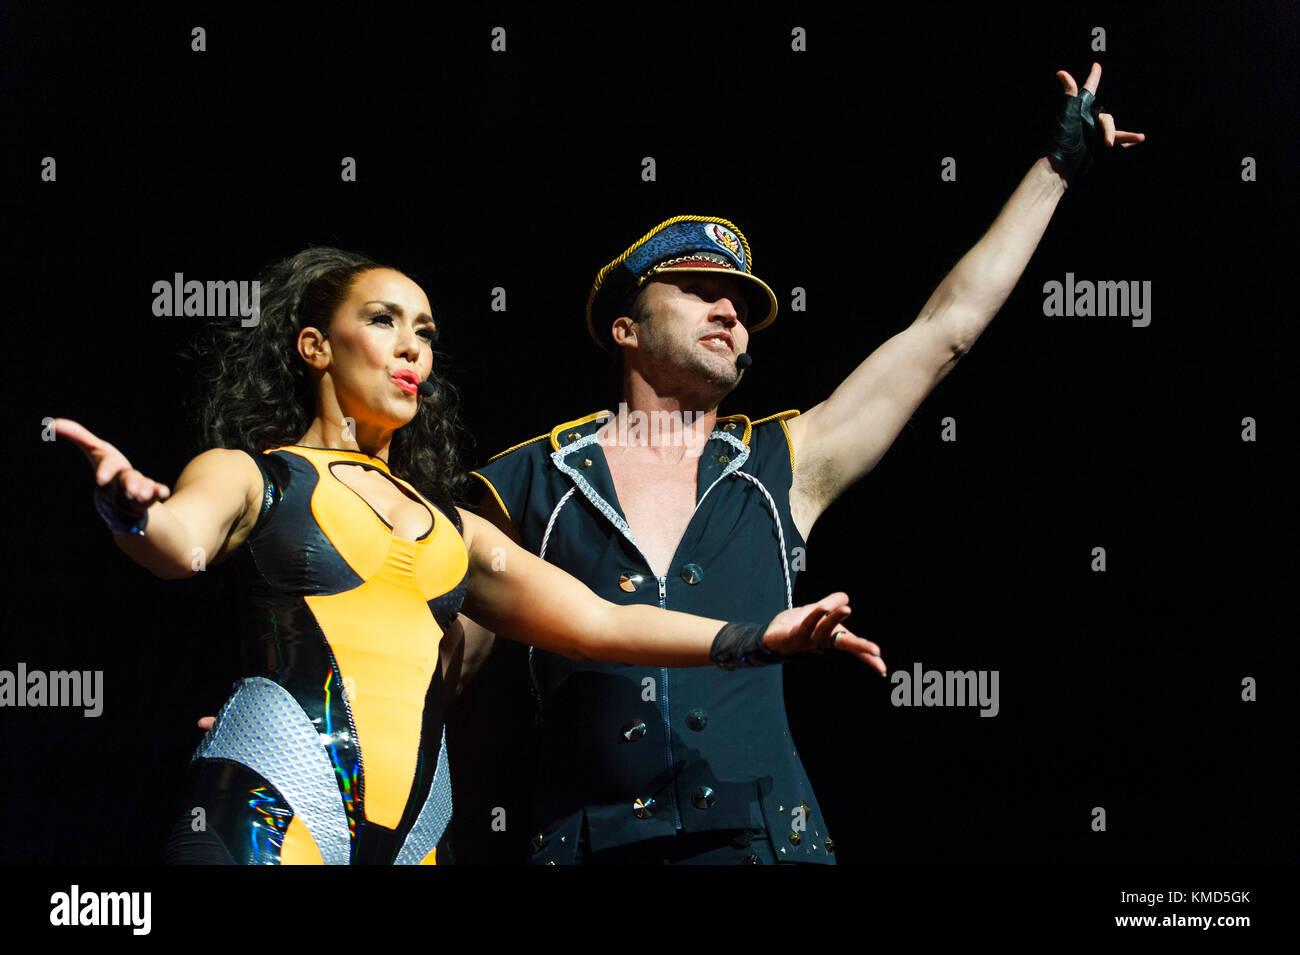 Скачать бесплатно новинки музыки eurodance ноябрь 2017